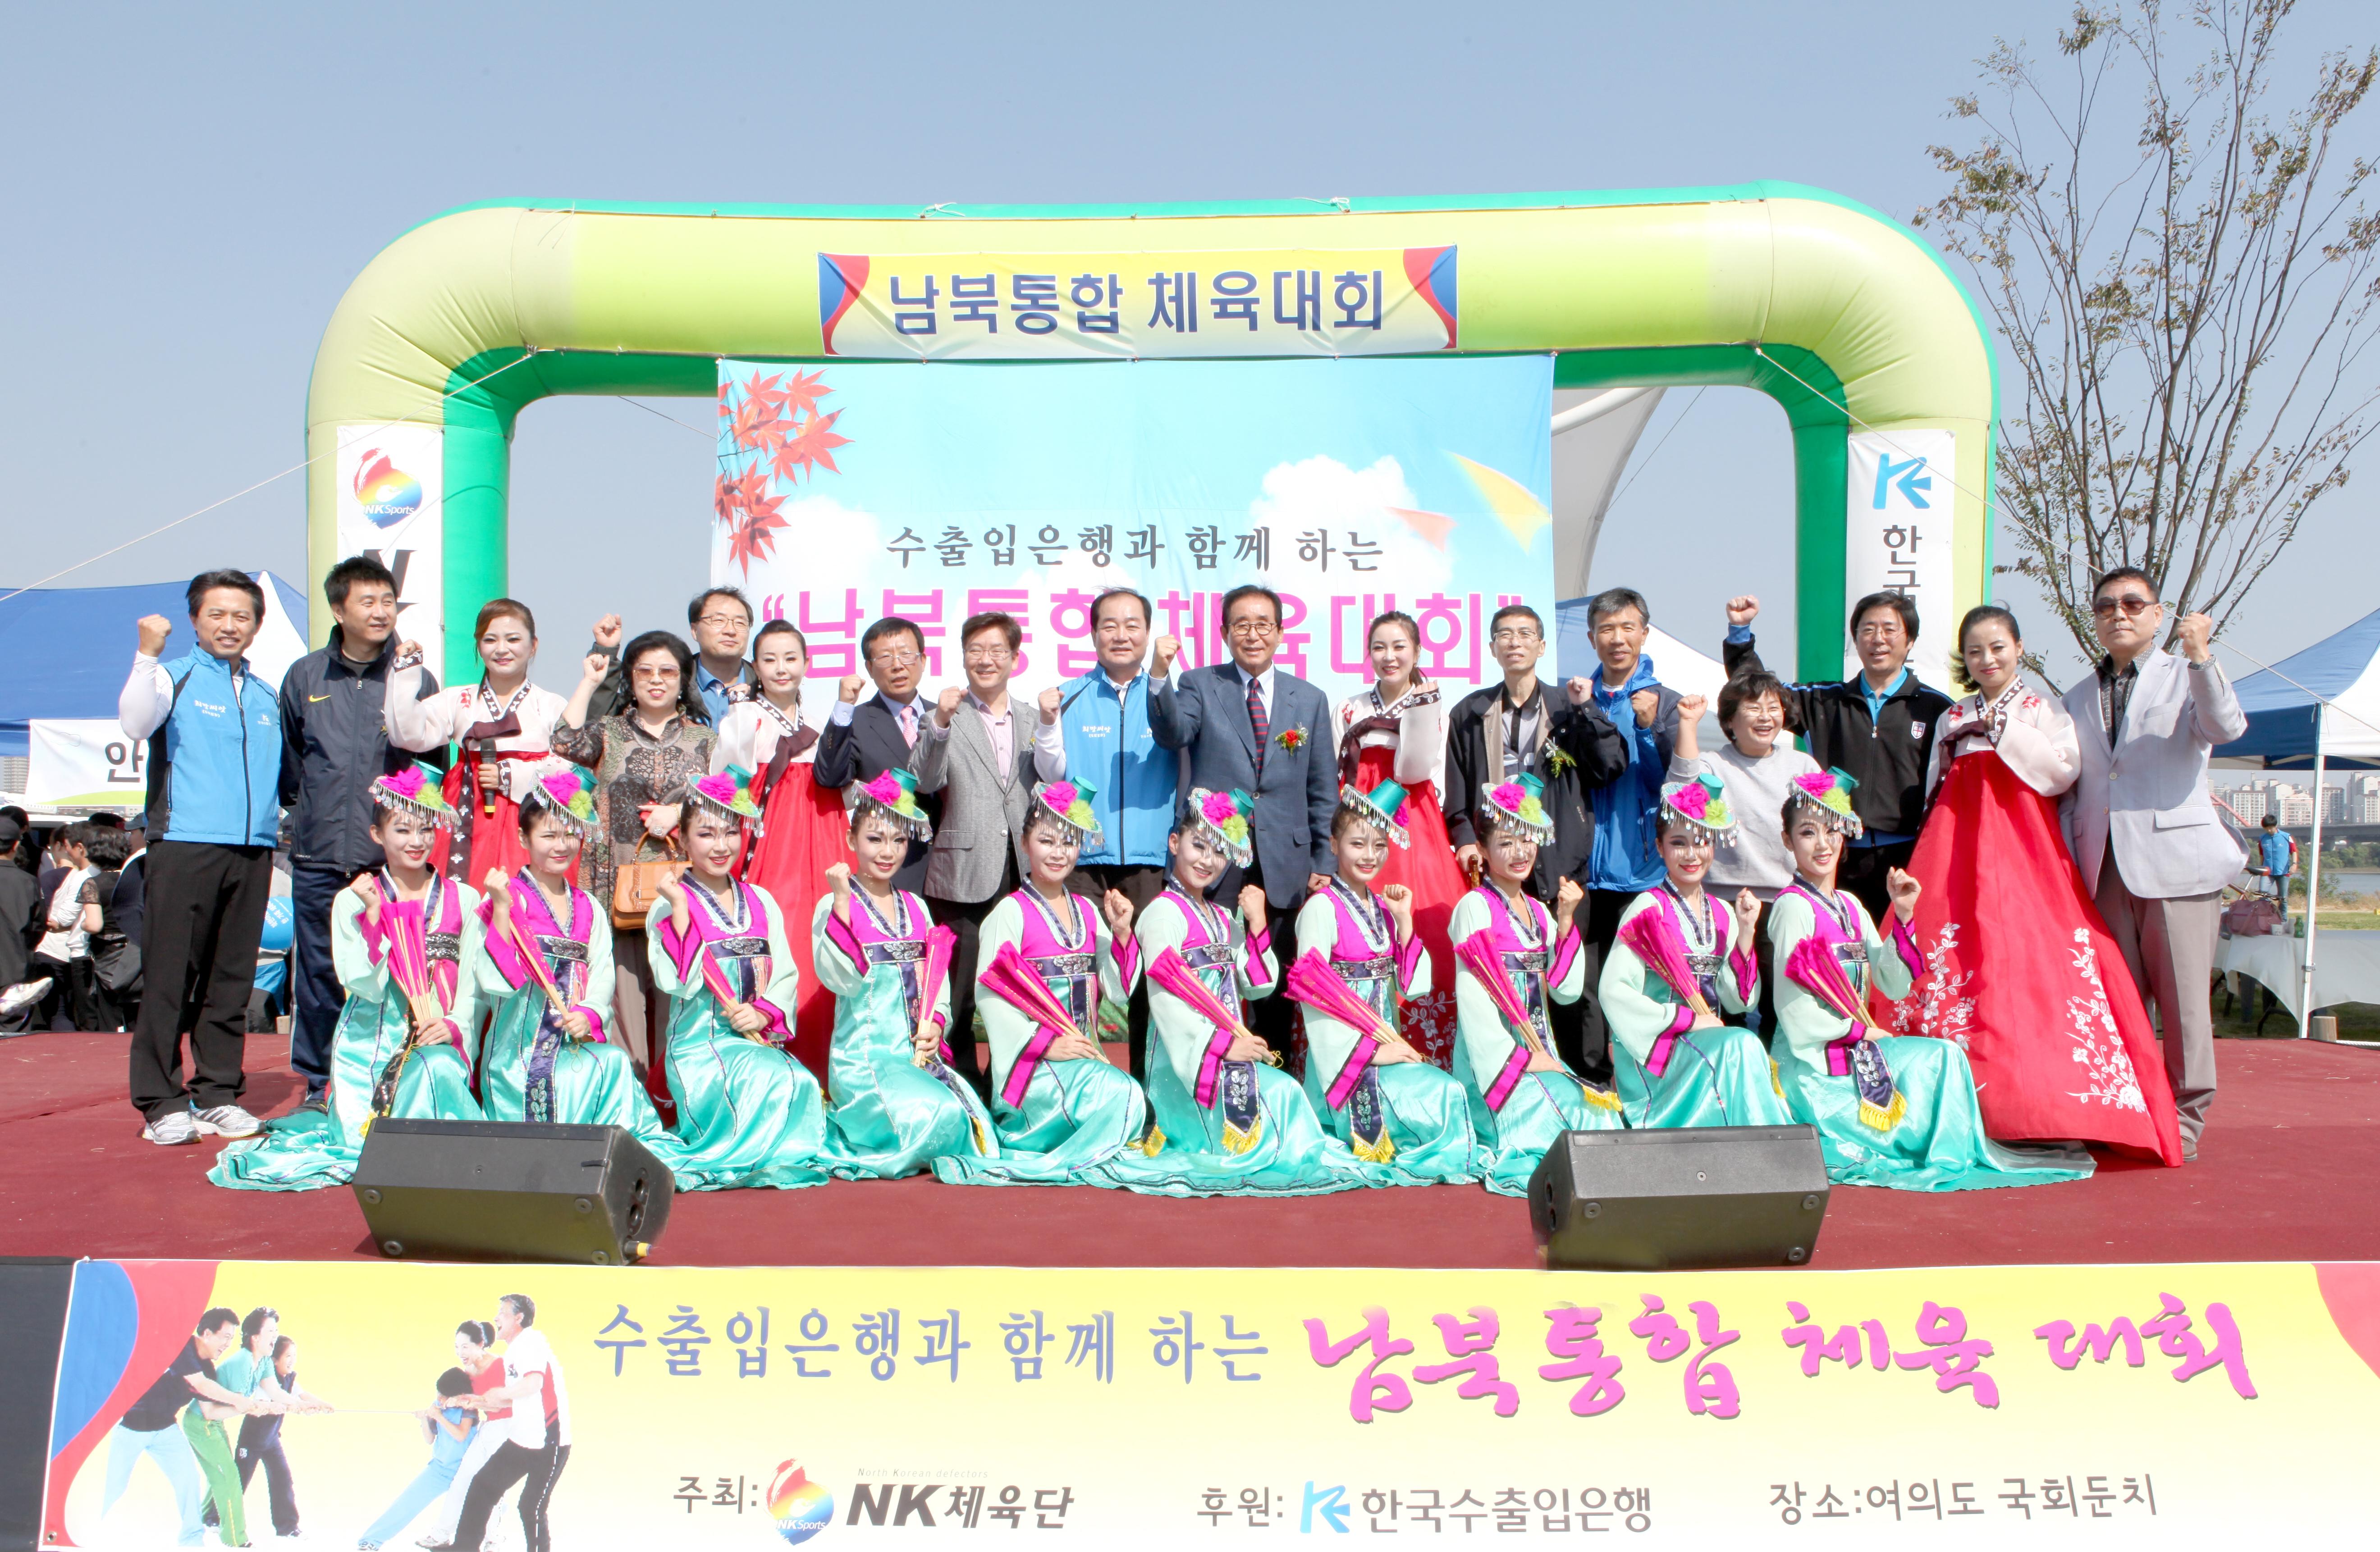 남북통합체육대회 단체사진.jpg